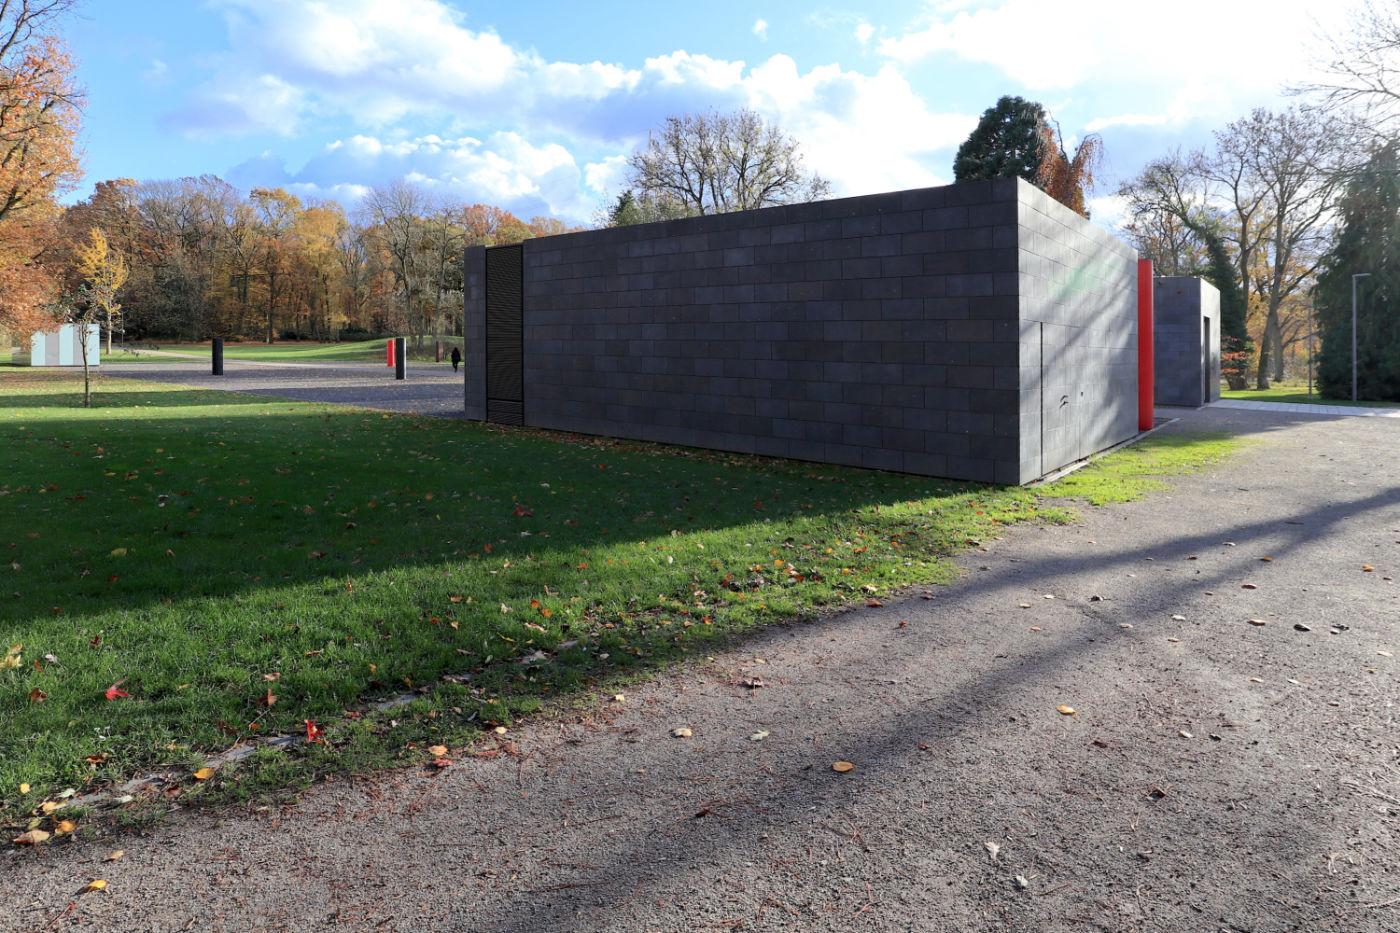 Situation Kunst (für Max Imdahl). Museum unter Tage (MuT) von Vervoorts & Schindler Architekten. Max Imdahl (1925–1988) war Kunsthistoriker und lehrte von 1965 bis zu seinem Tod Kunstgeschichte an der Ruhr-Universität Bochum.